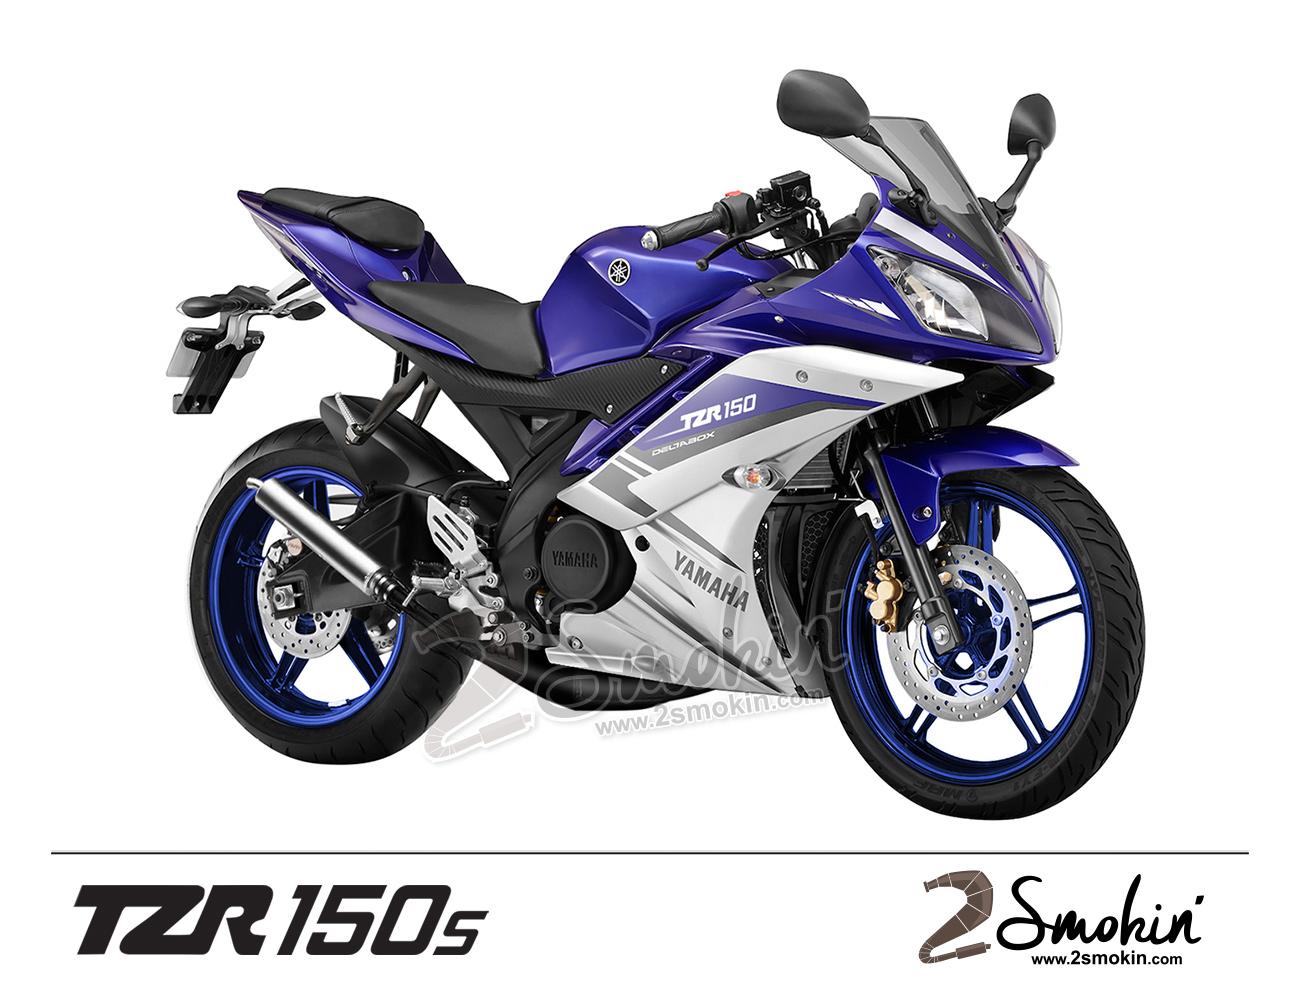 TZR150 S